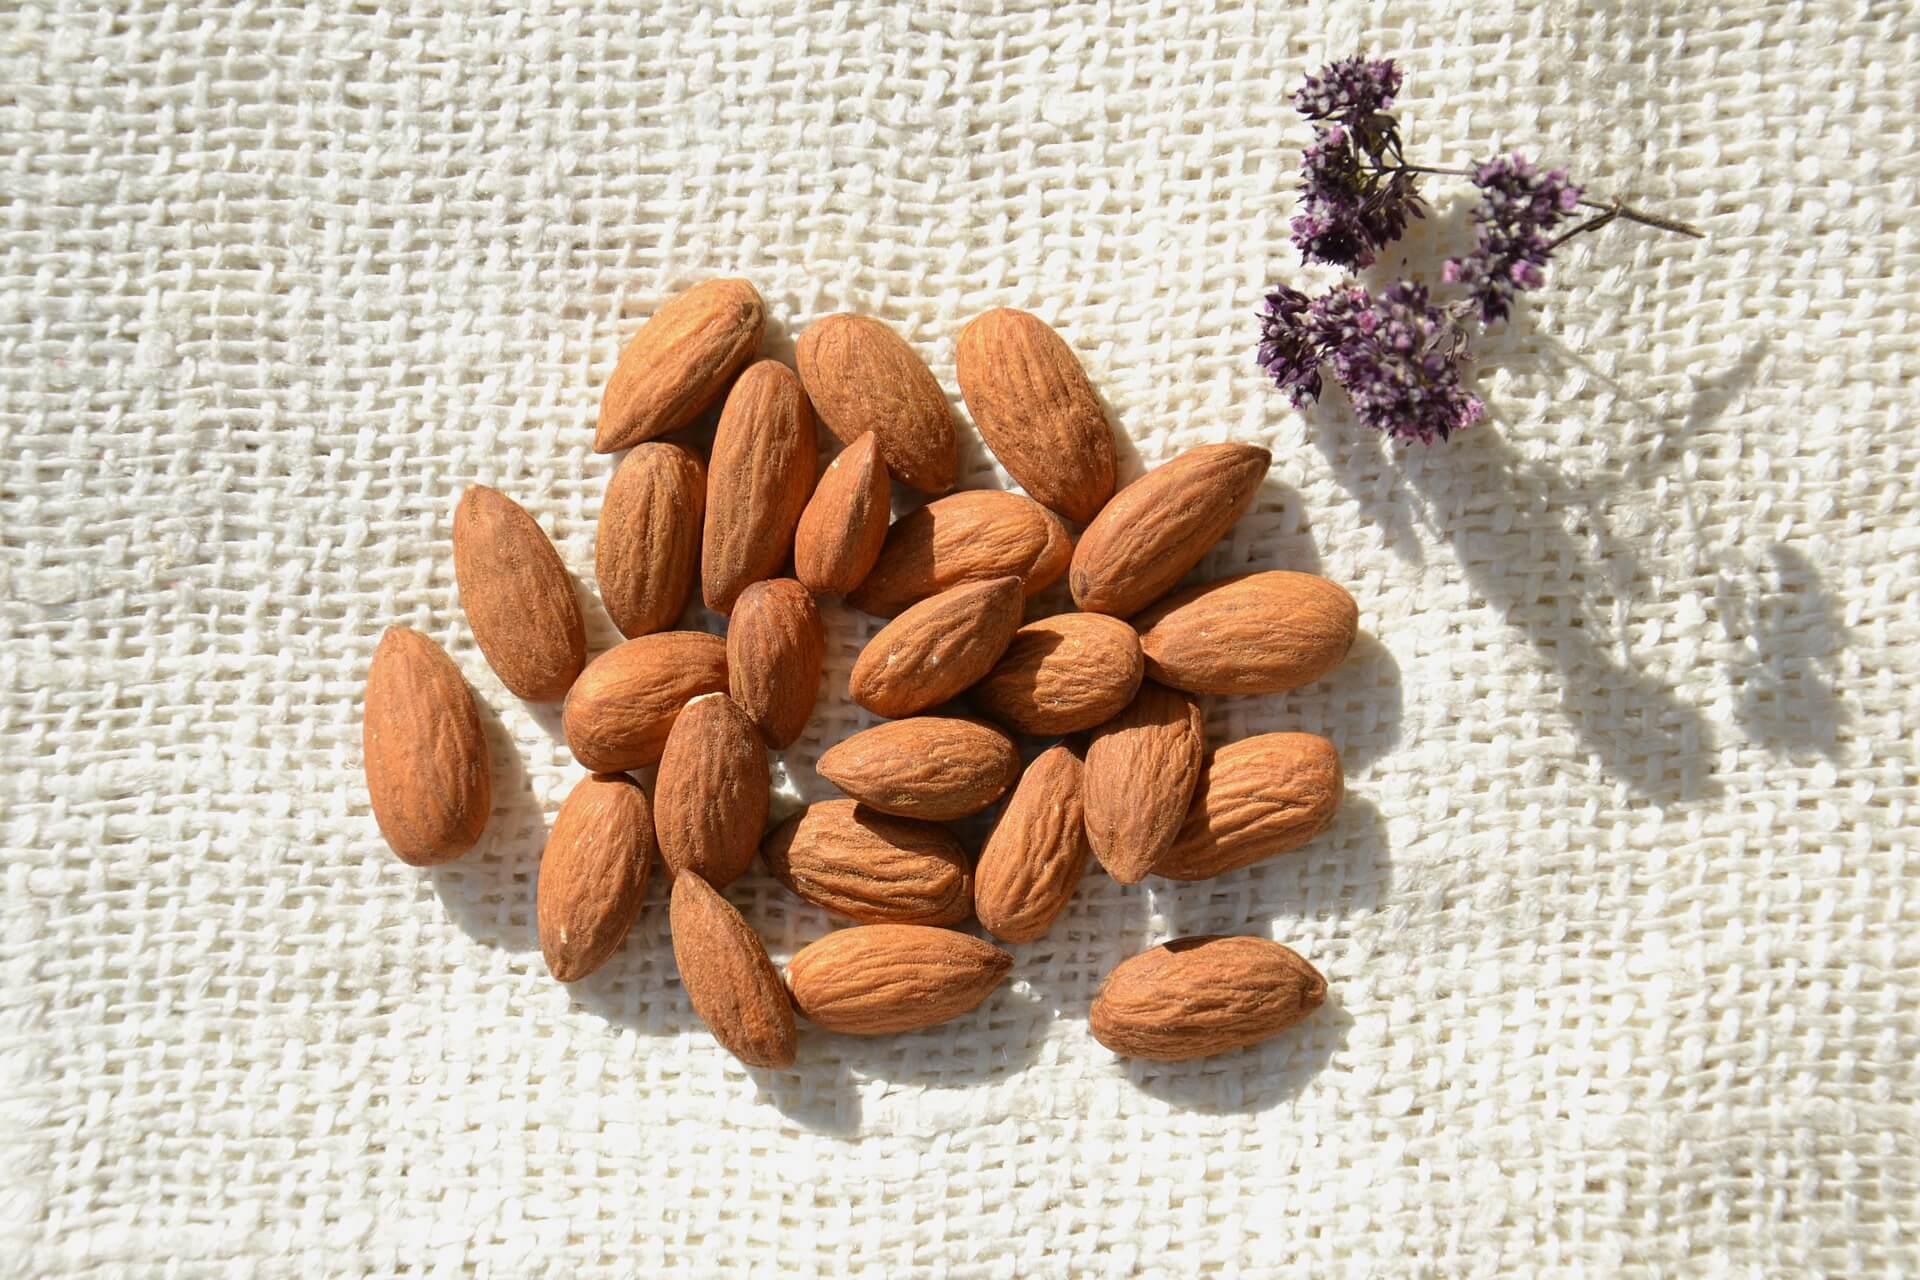 Abnehmen mit Nüssen - Mandeln, Macadamia, Walnüsse und Co.